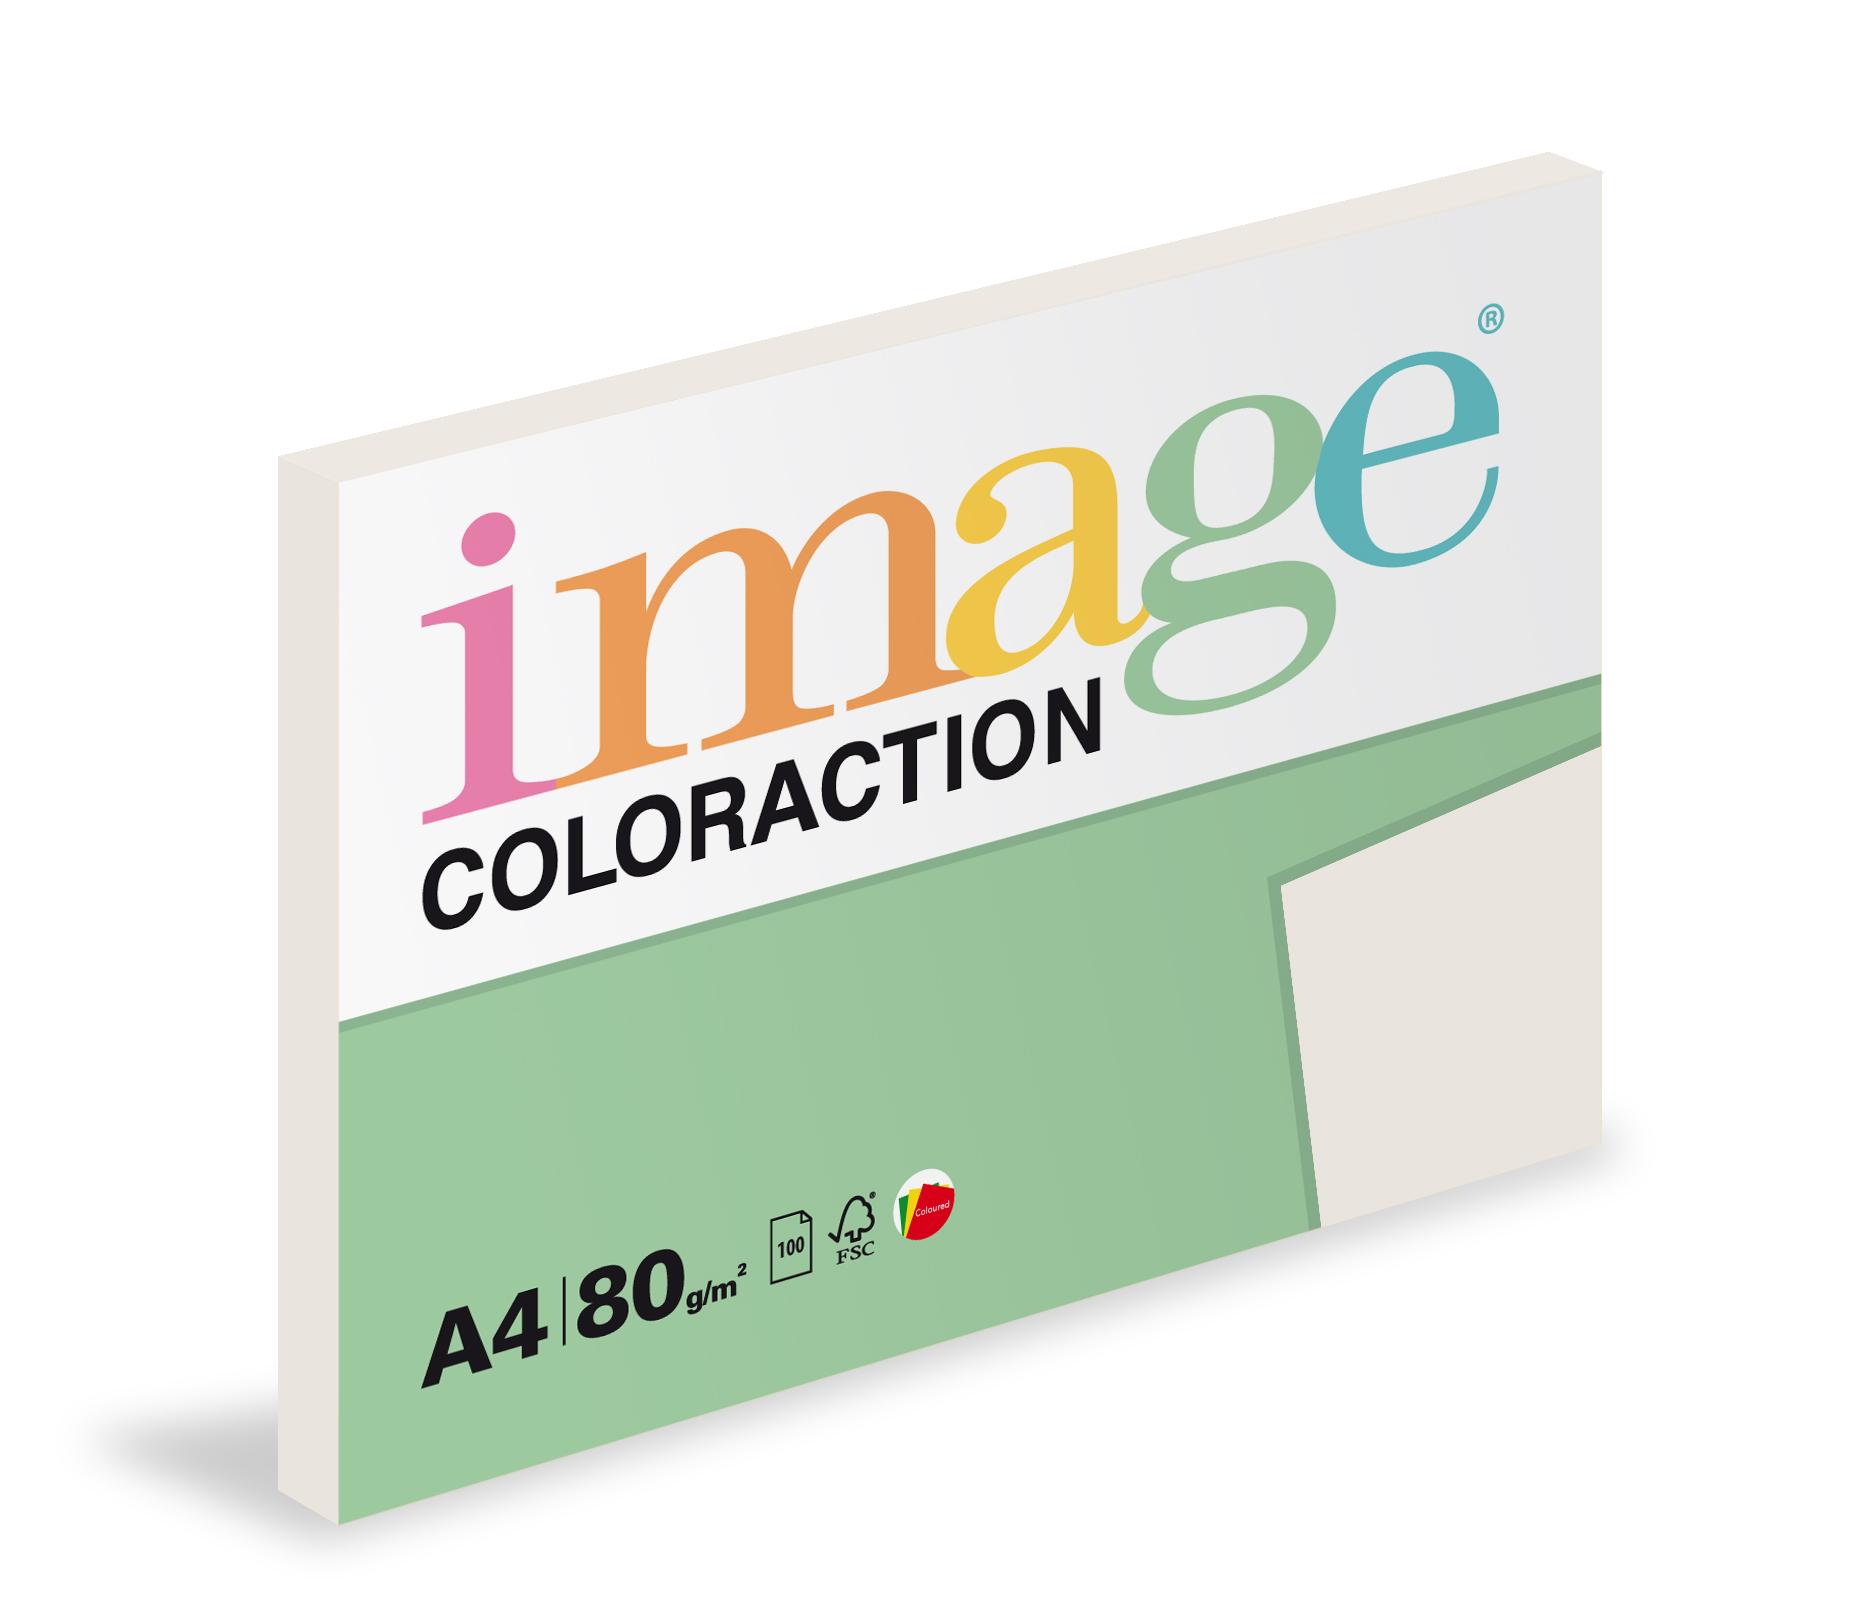 Xerografický papír barevný Coloraction 100 listů - GR21 iceland / středně šedá / 100 listů